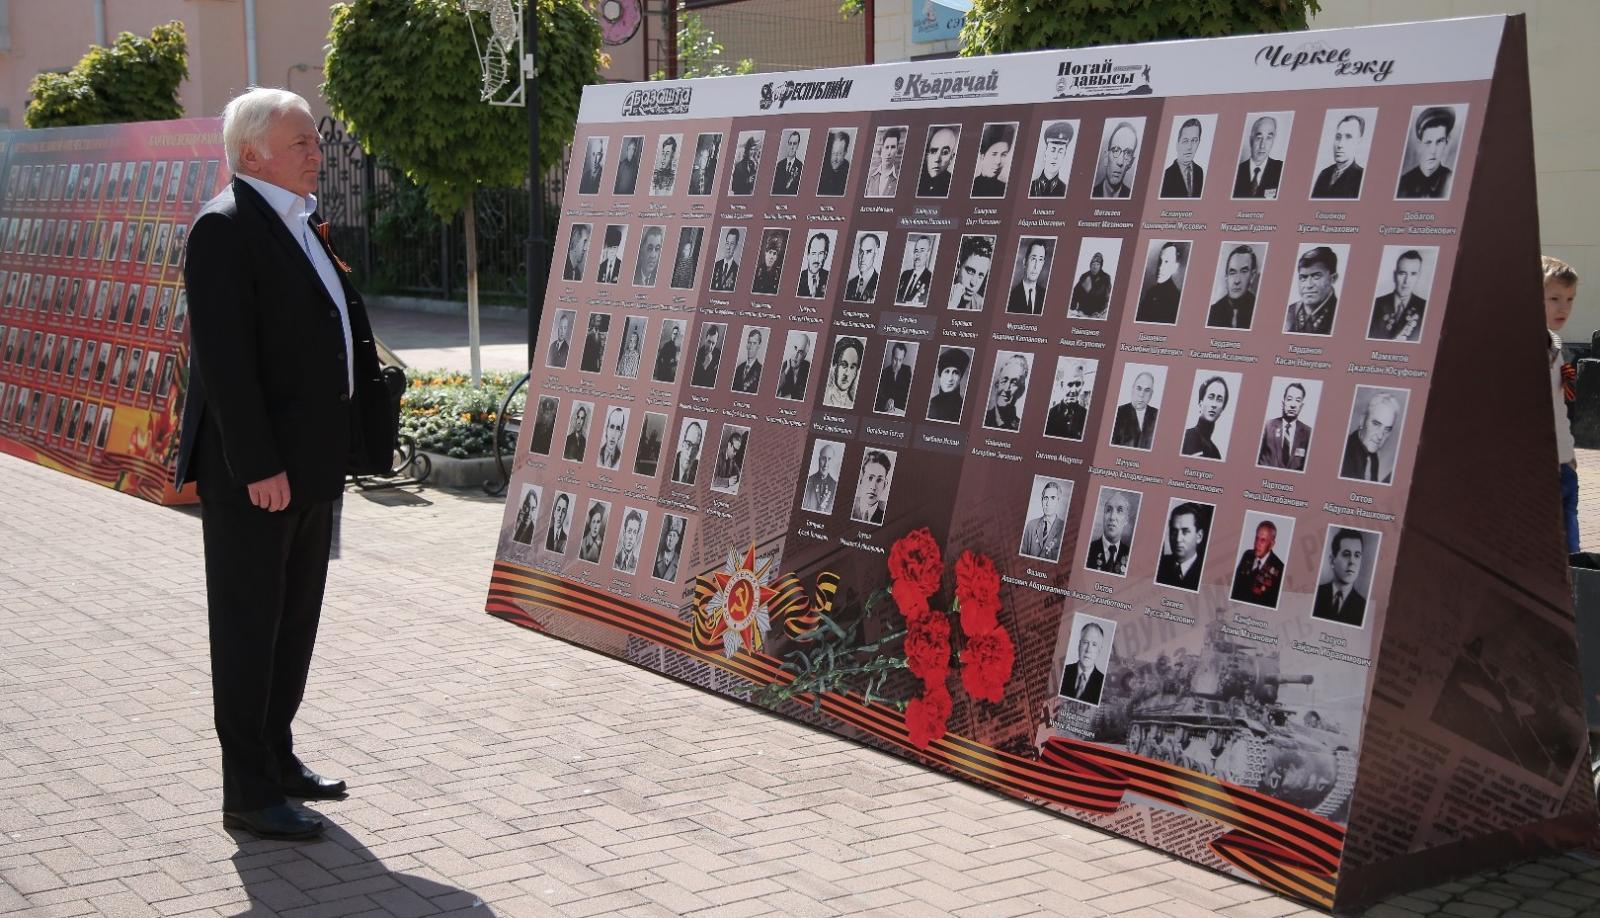 Стену памяти с фотографиями ветеранов установили в центре Брянска